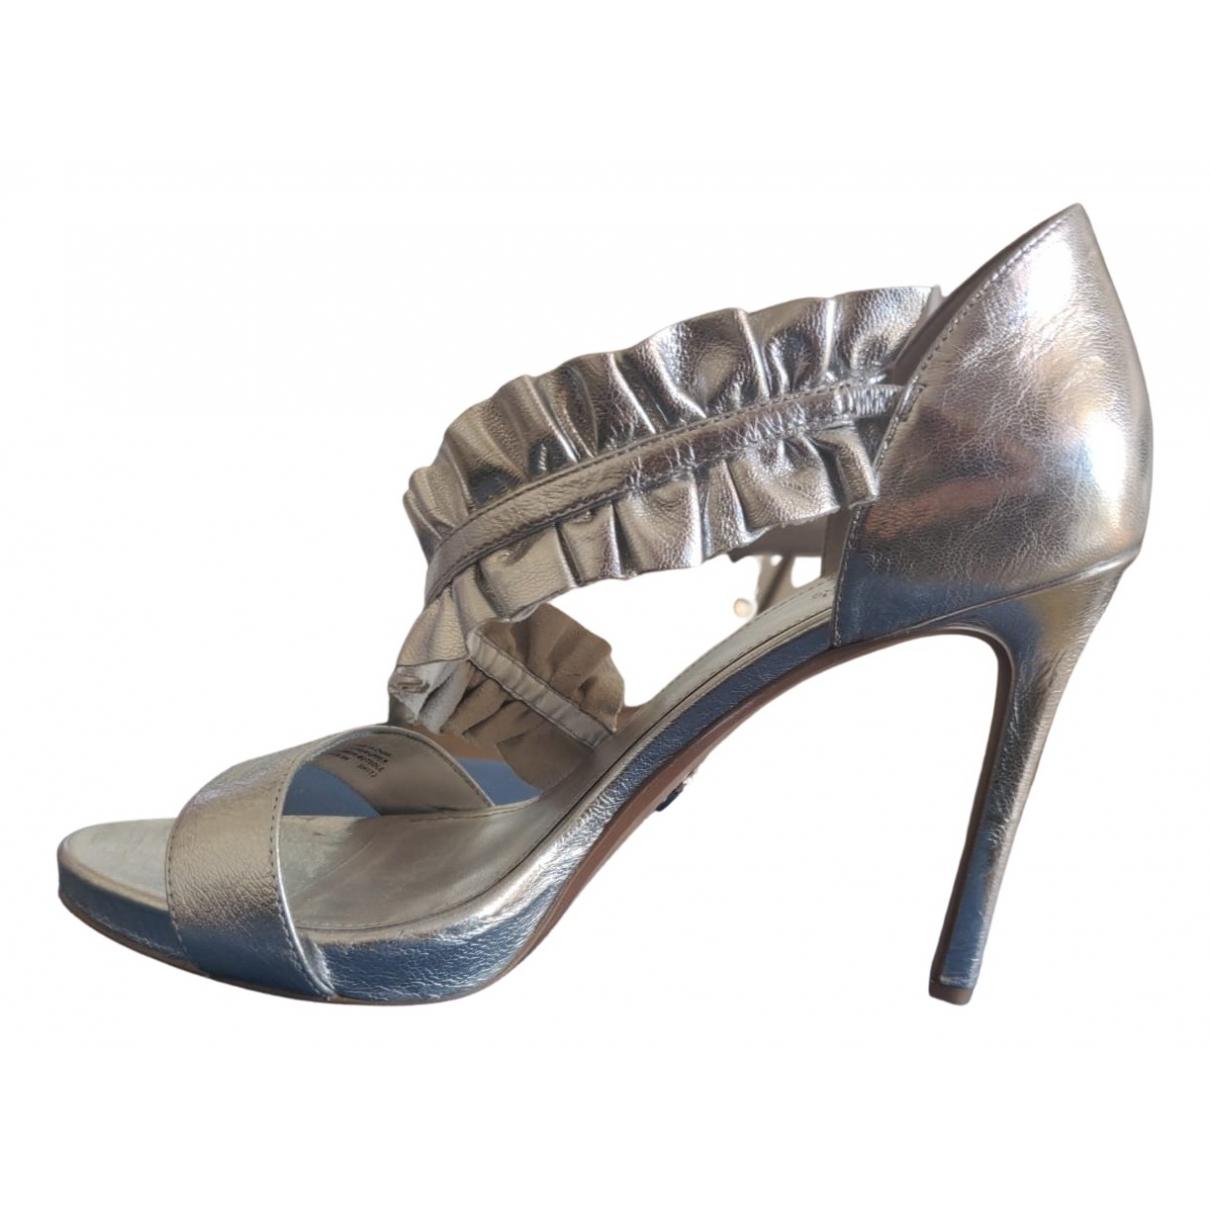 Michael Kors - Sandales   pour femme en cuir - argente